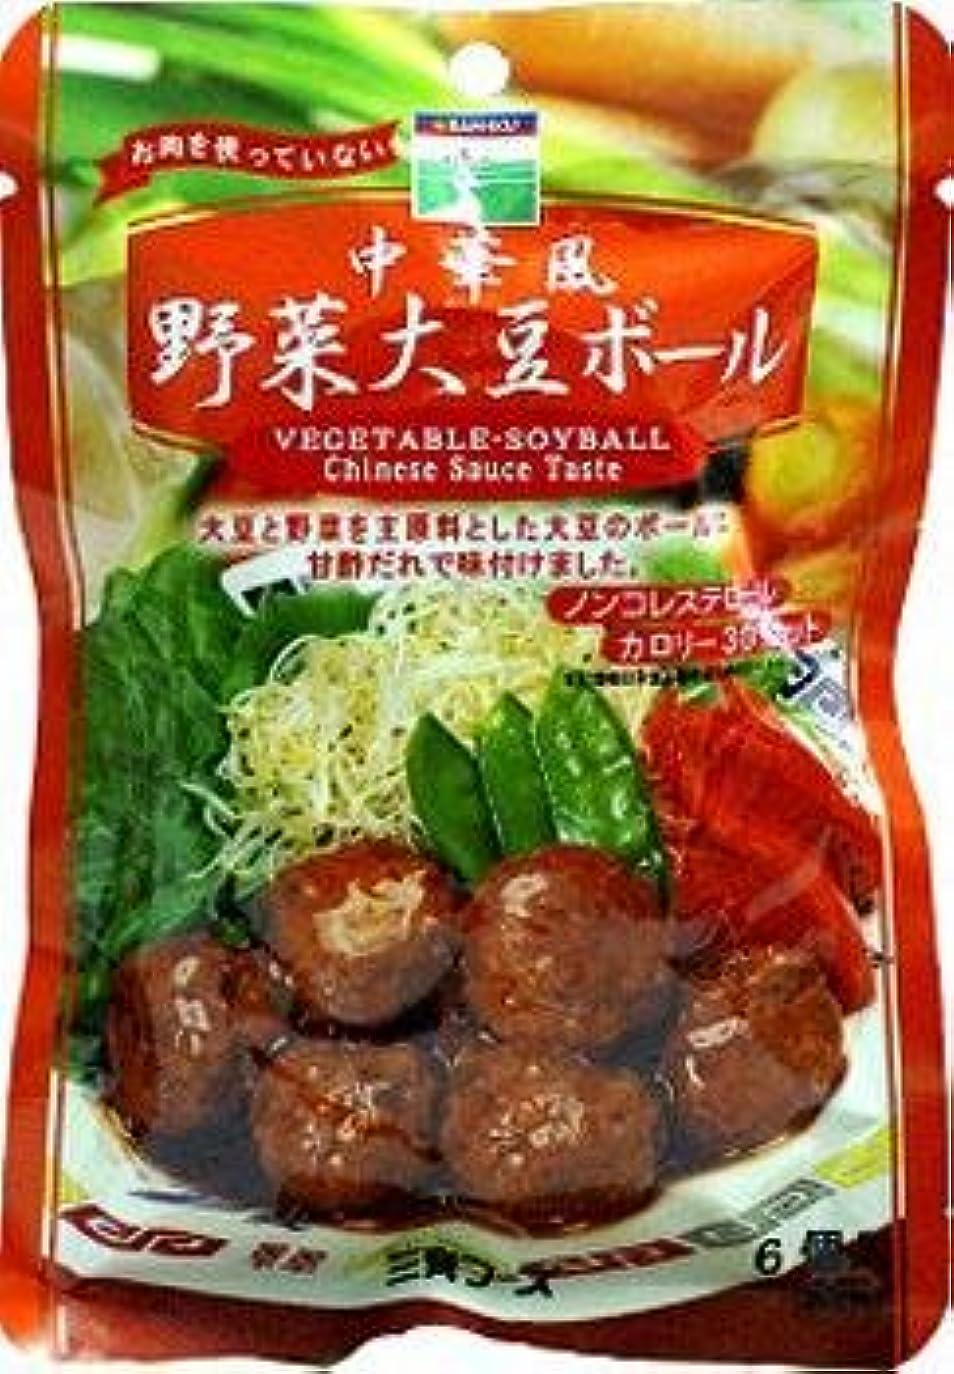 ブレースステップ洞察力のある飲食品 お勧め 口コミ 中華風野菜大豆ボール?完熟トマトソース野菜大豆ボール?和風野菜大豆ボール×各8個セット